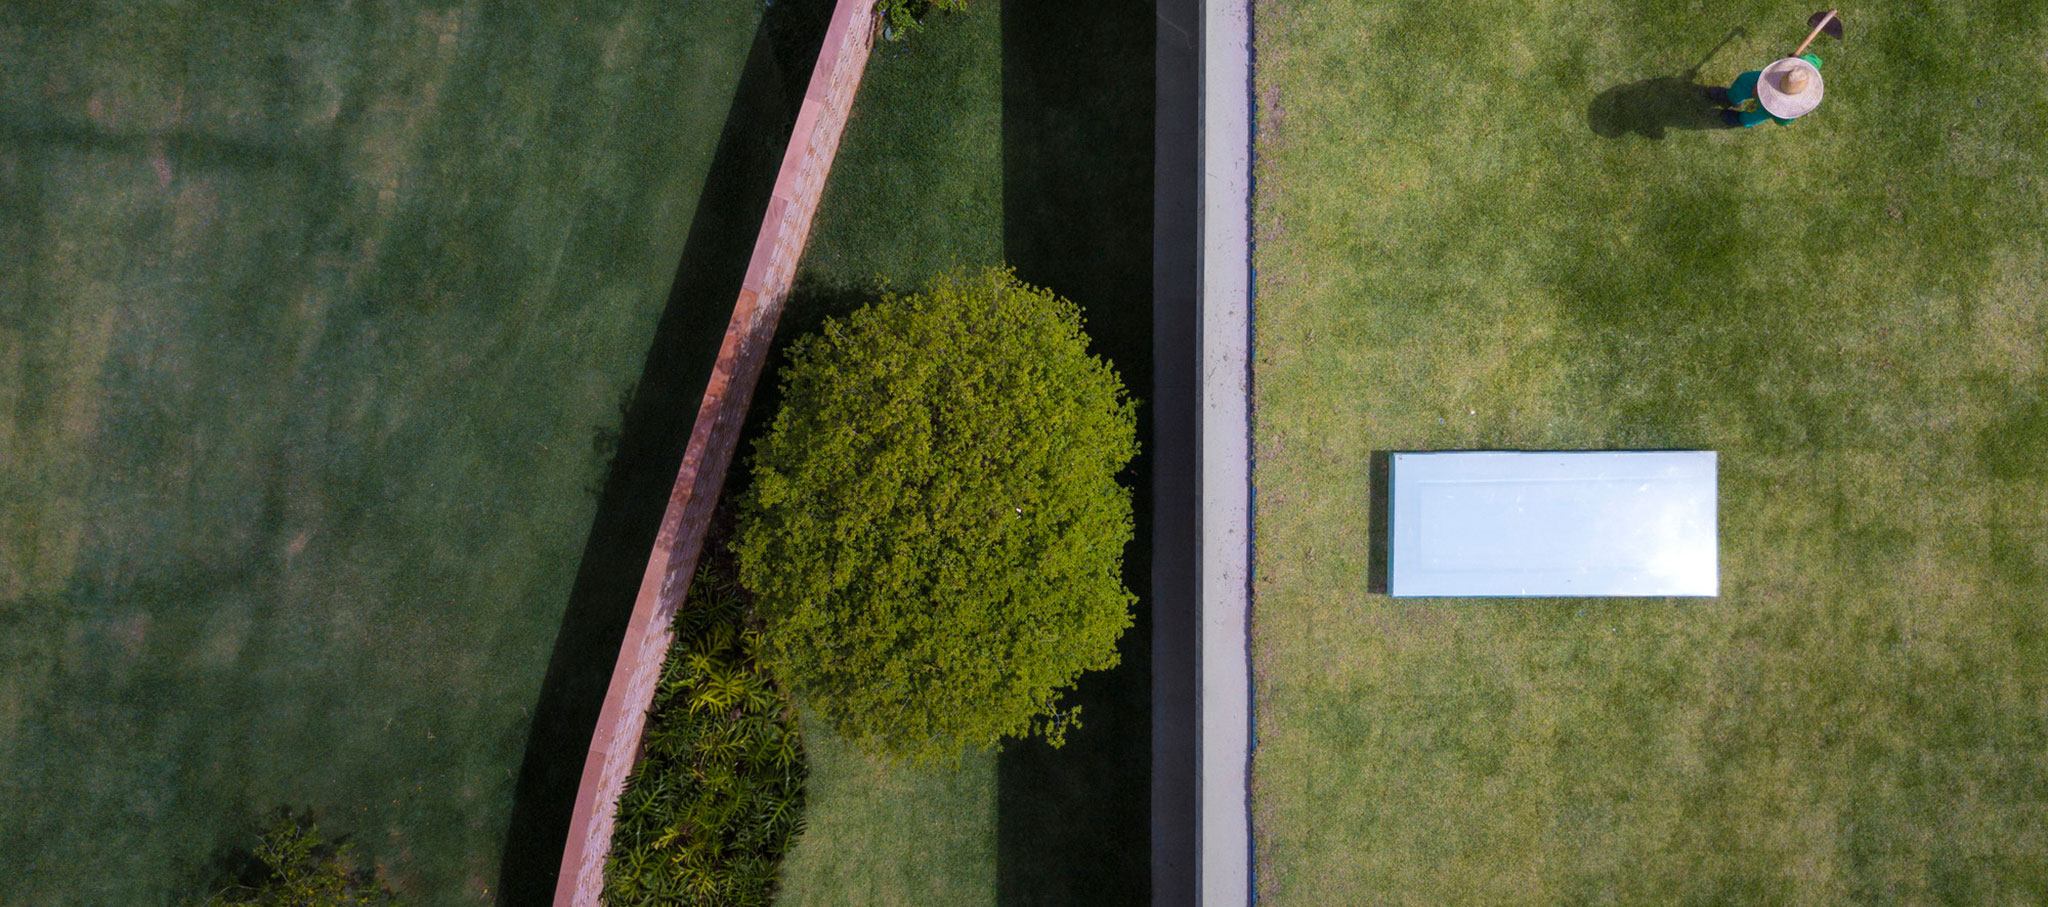 Casa Planar por Studio MK27 y Lair Reis. Fotografia por Fernando Guerra. FG+SG